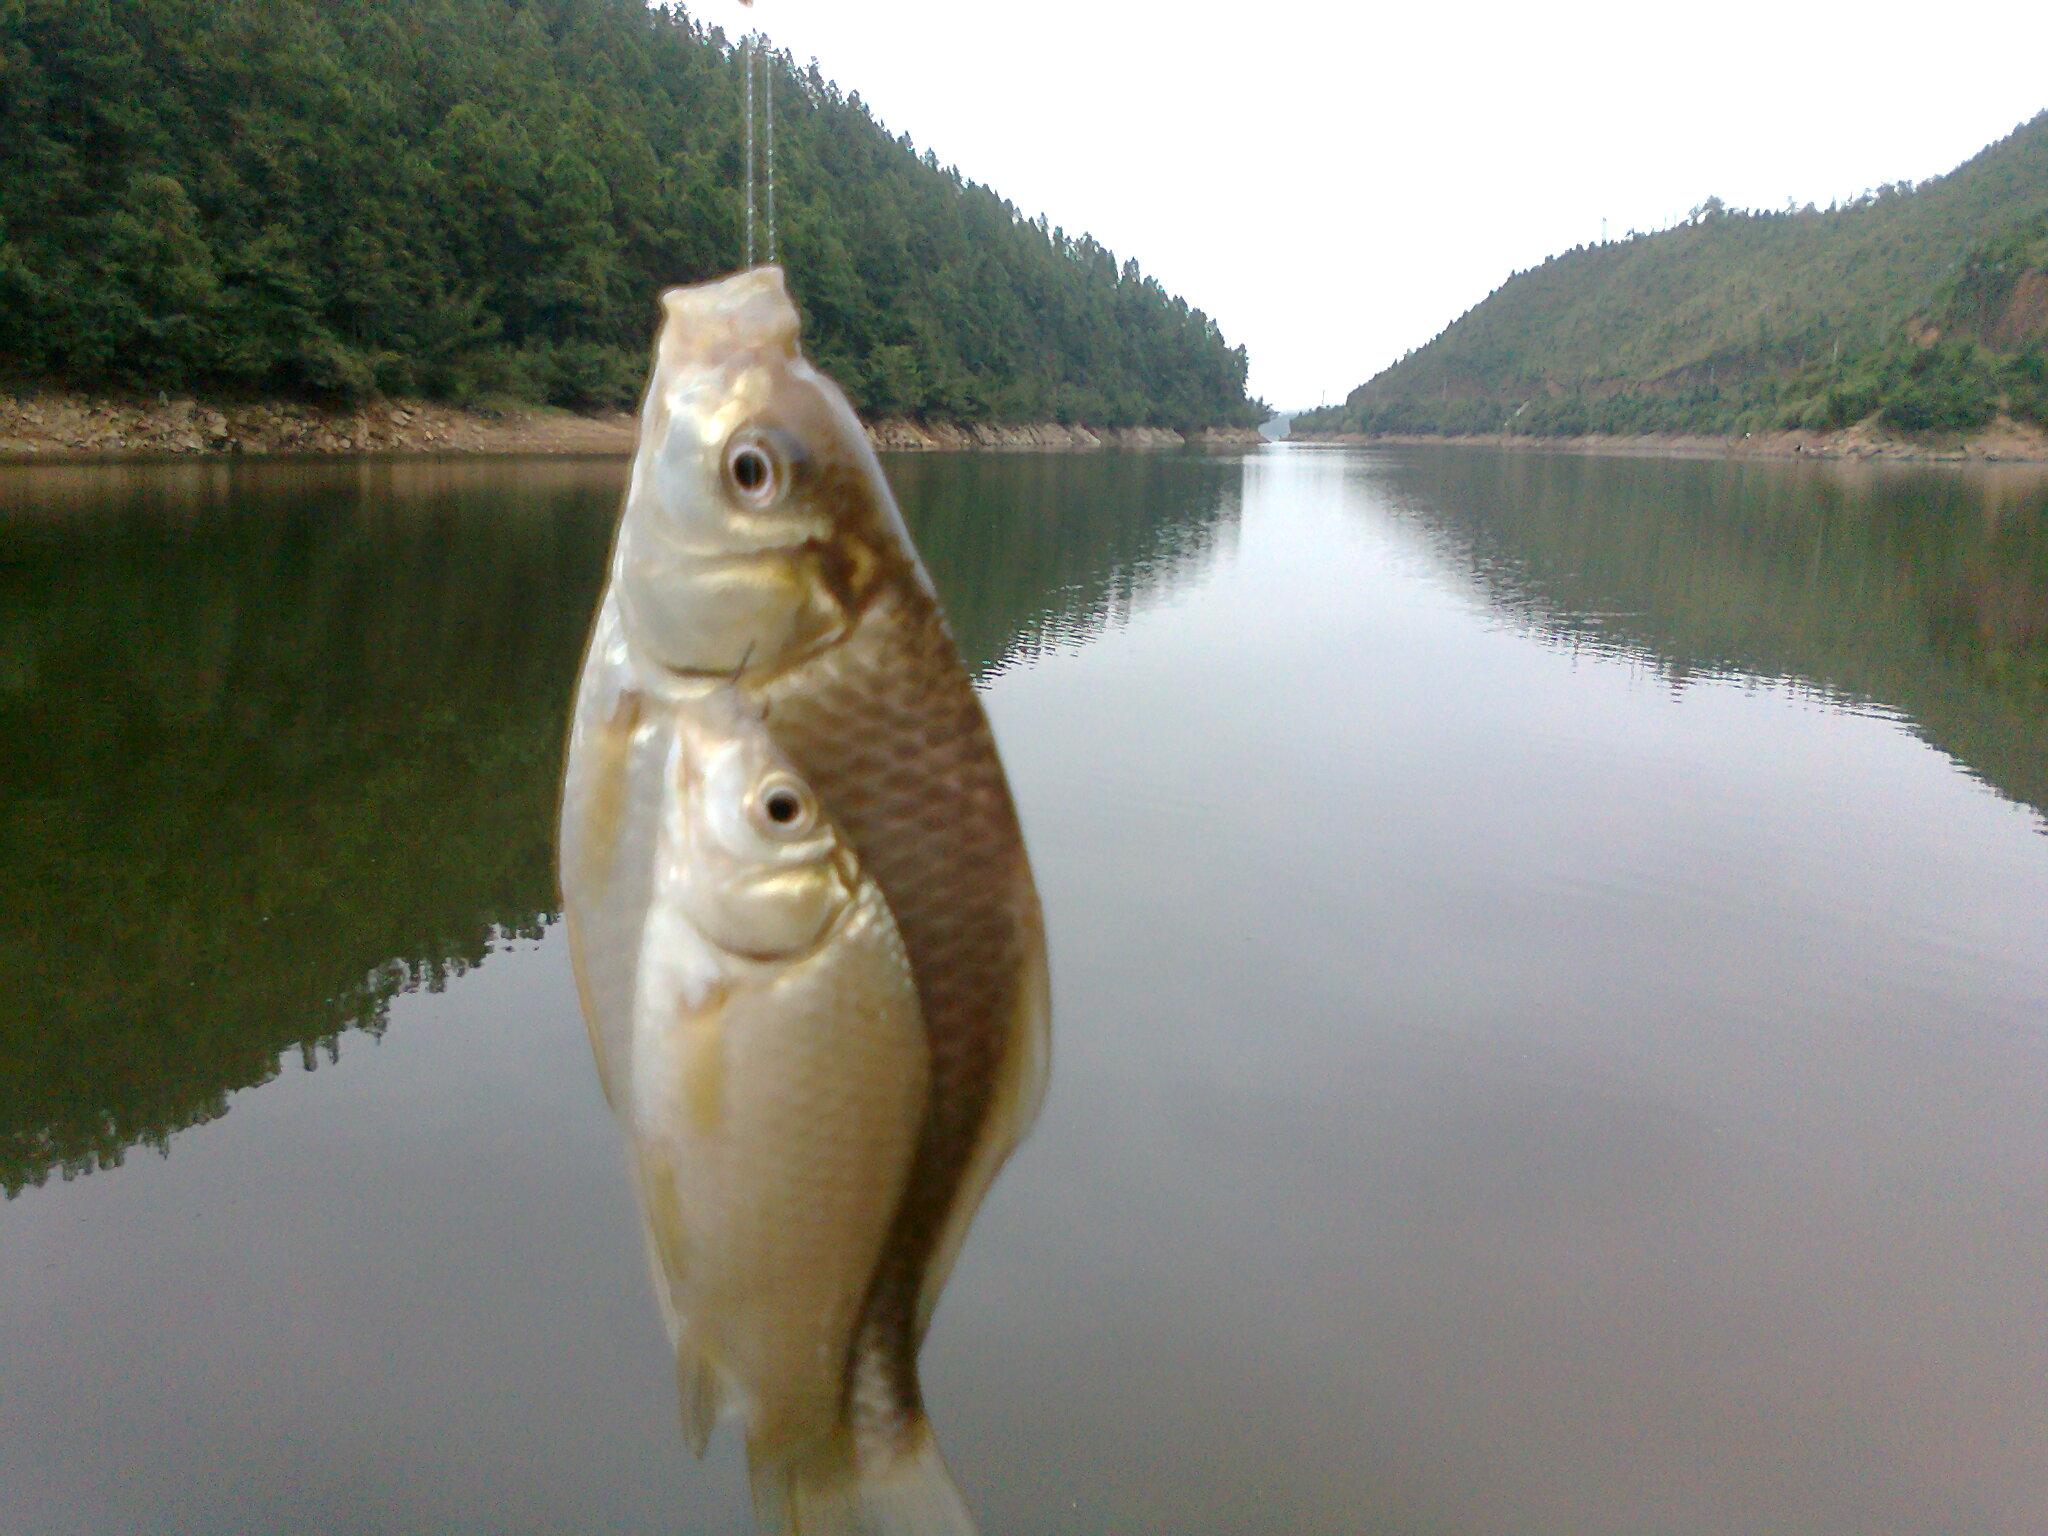 钓鱼吧_水库图片_钓鱼吧_百度贴吧